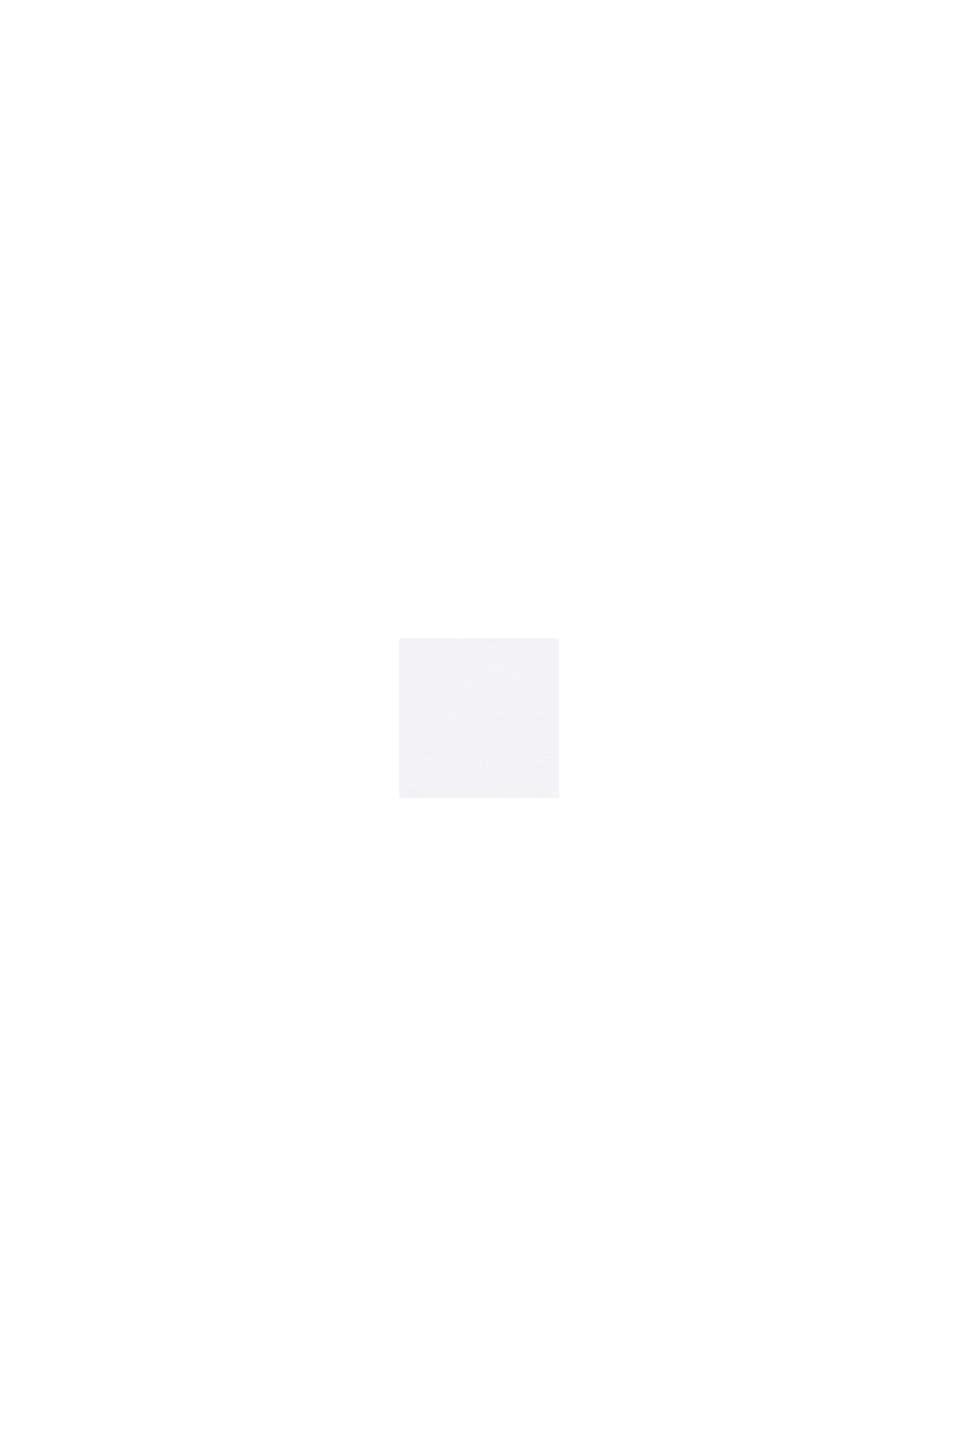 T-shirt à manches longues en lot de 2, en coton biologique mélangé, WHITE, swatch